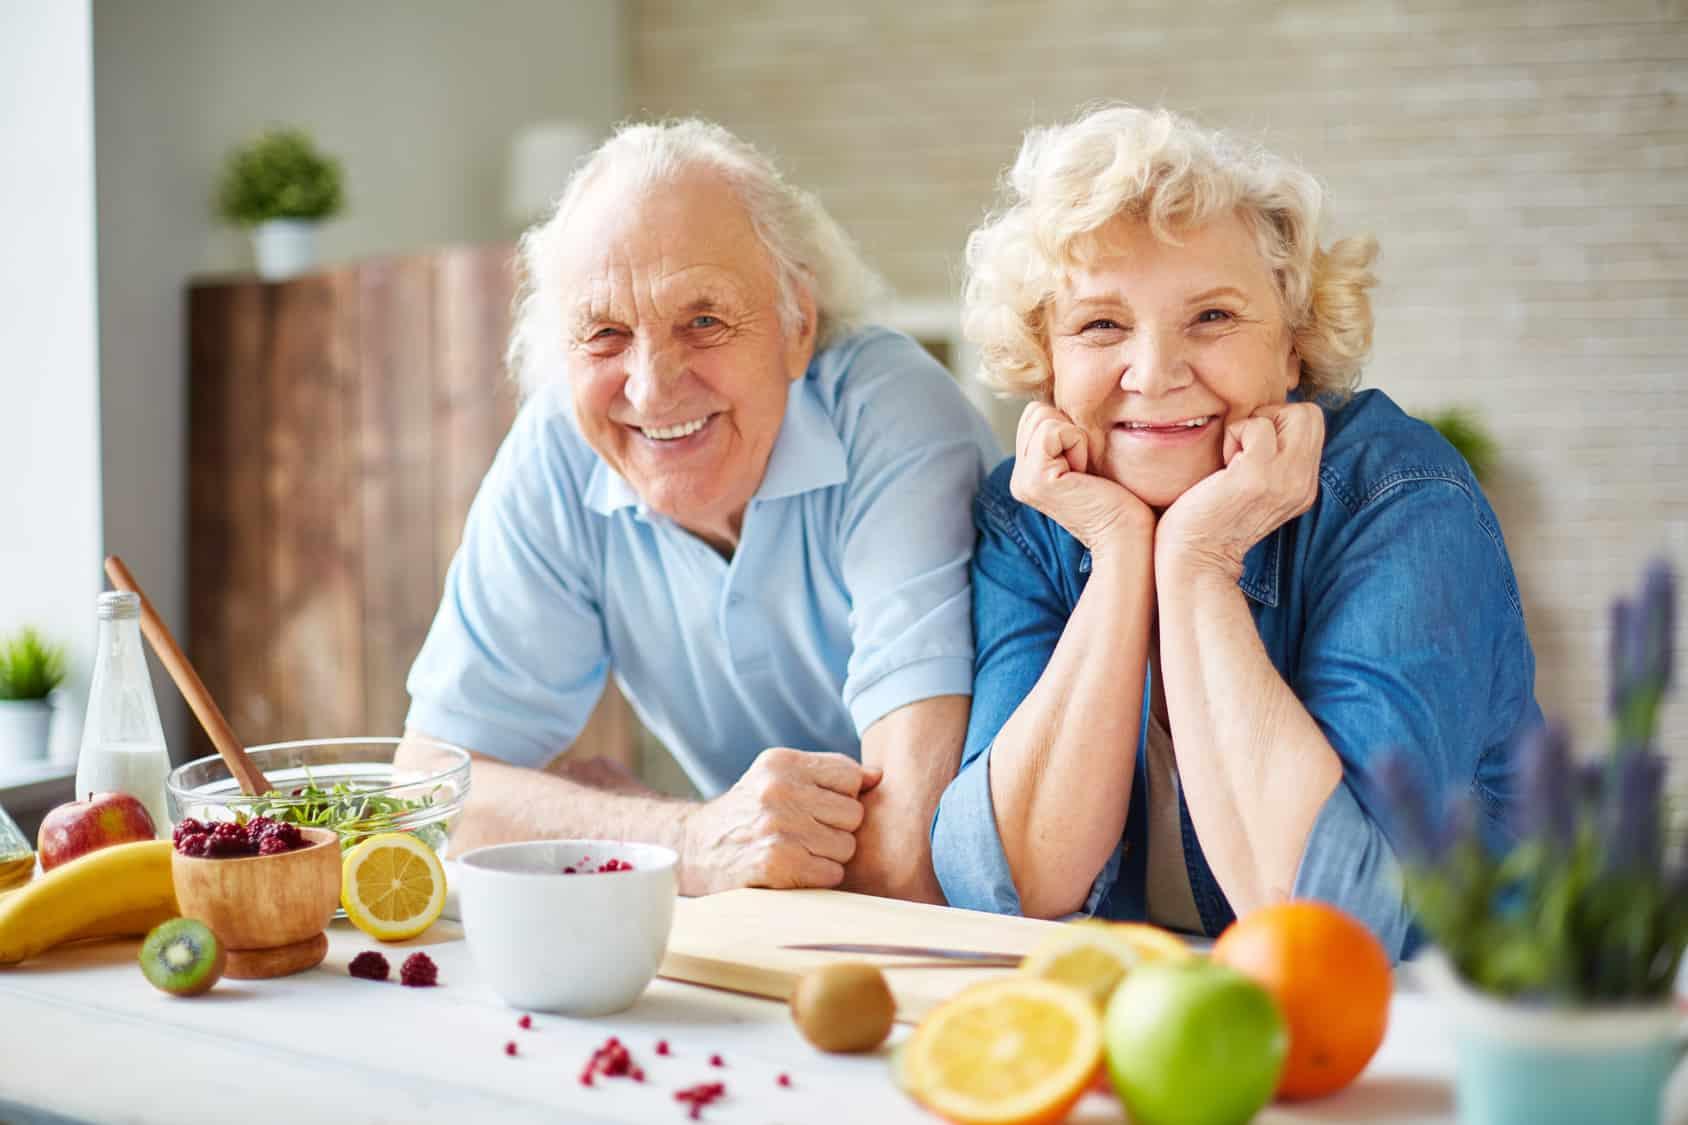 Glücklicher Rentner und Rentnerin am Küchentisch